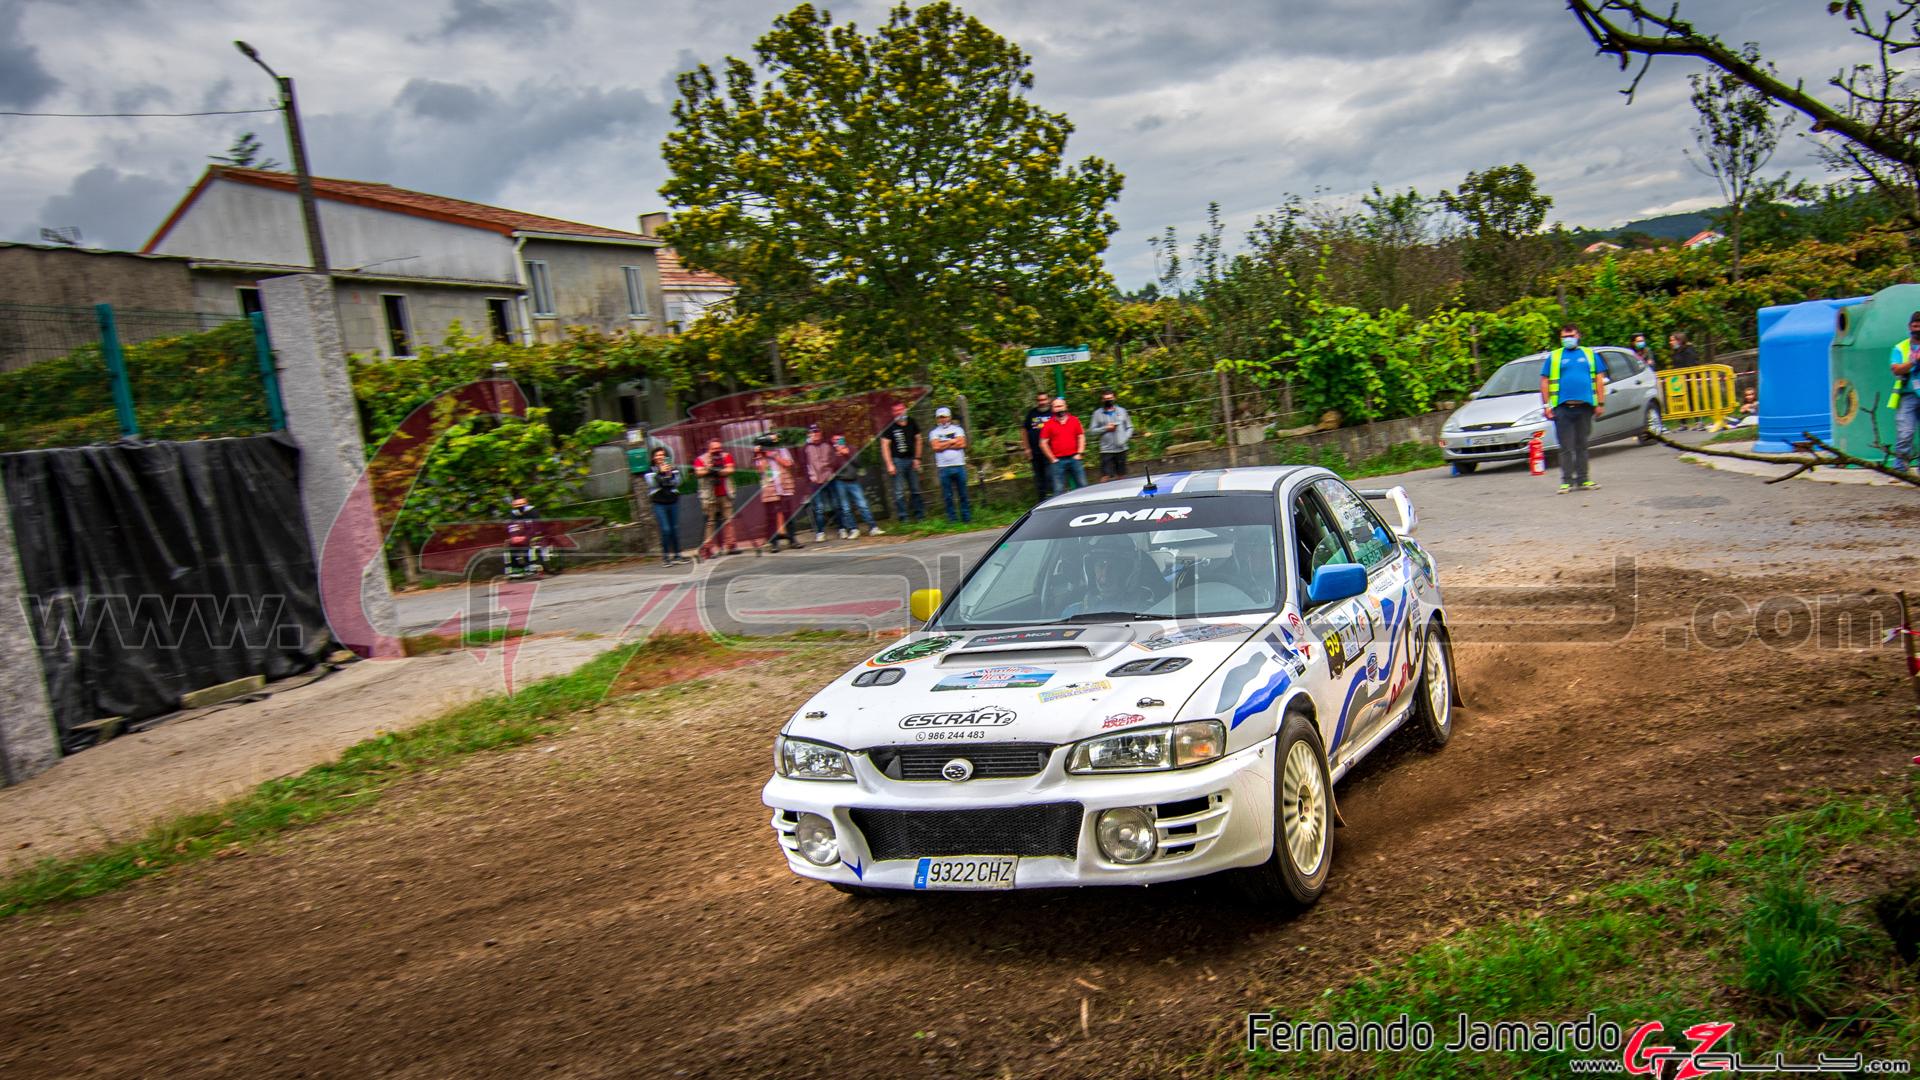 Rallymix de Cuntis 2021 - Fernando Jamardo